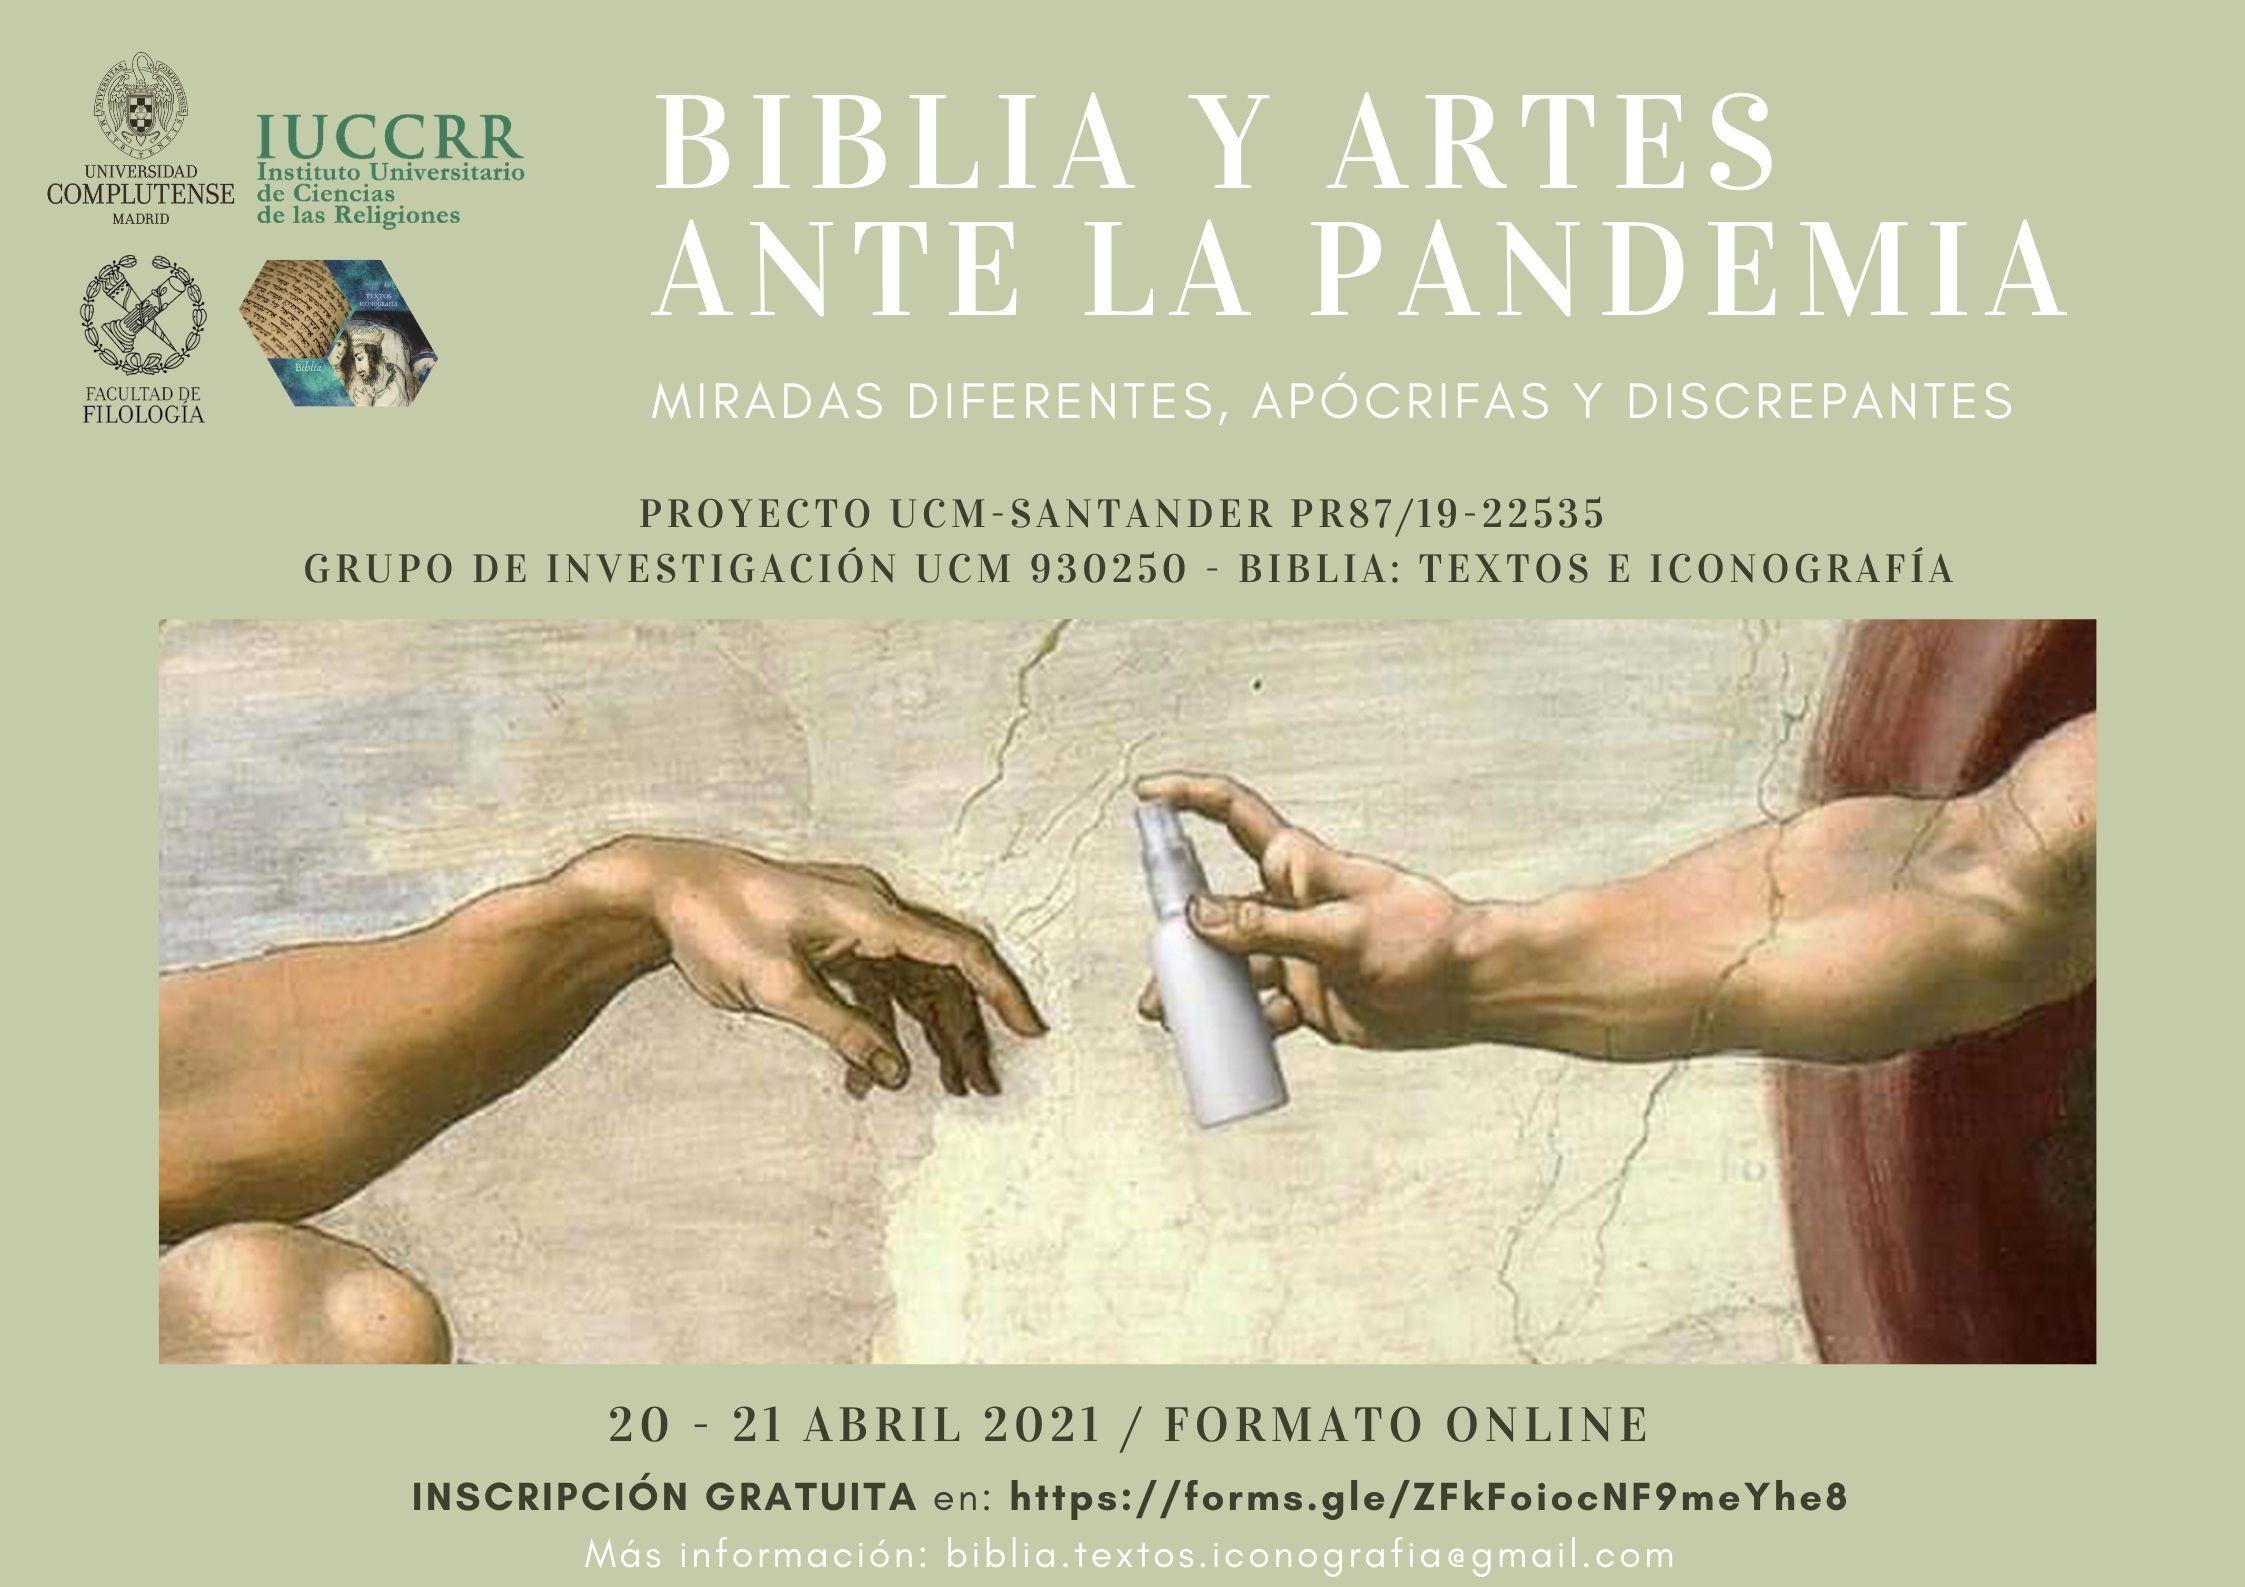 """Seminario """"Biblia y artes ante la pandemia: miradas diferentes, apócrifas y discrepantes"""""""